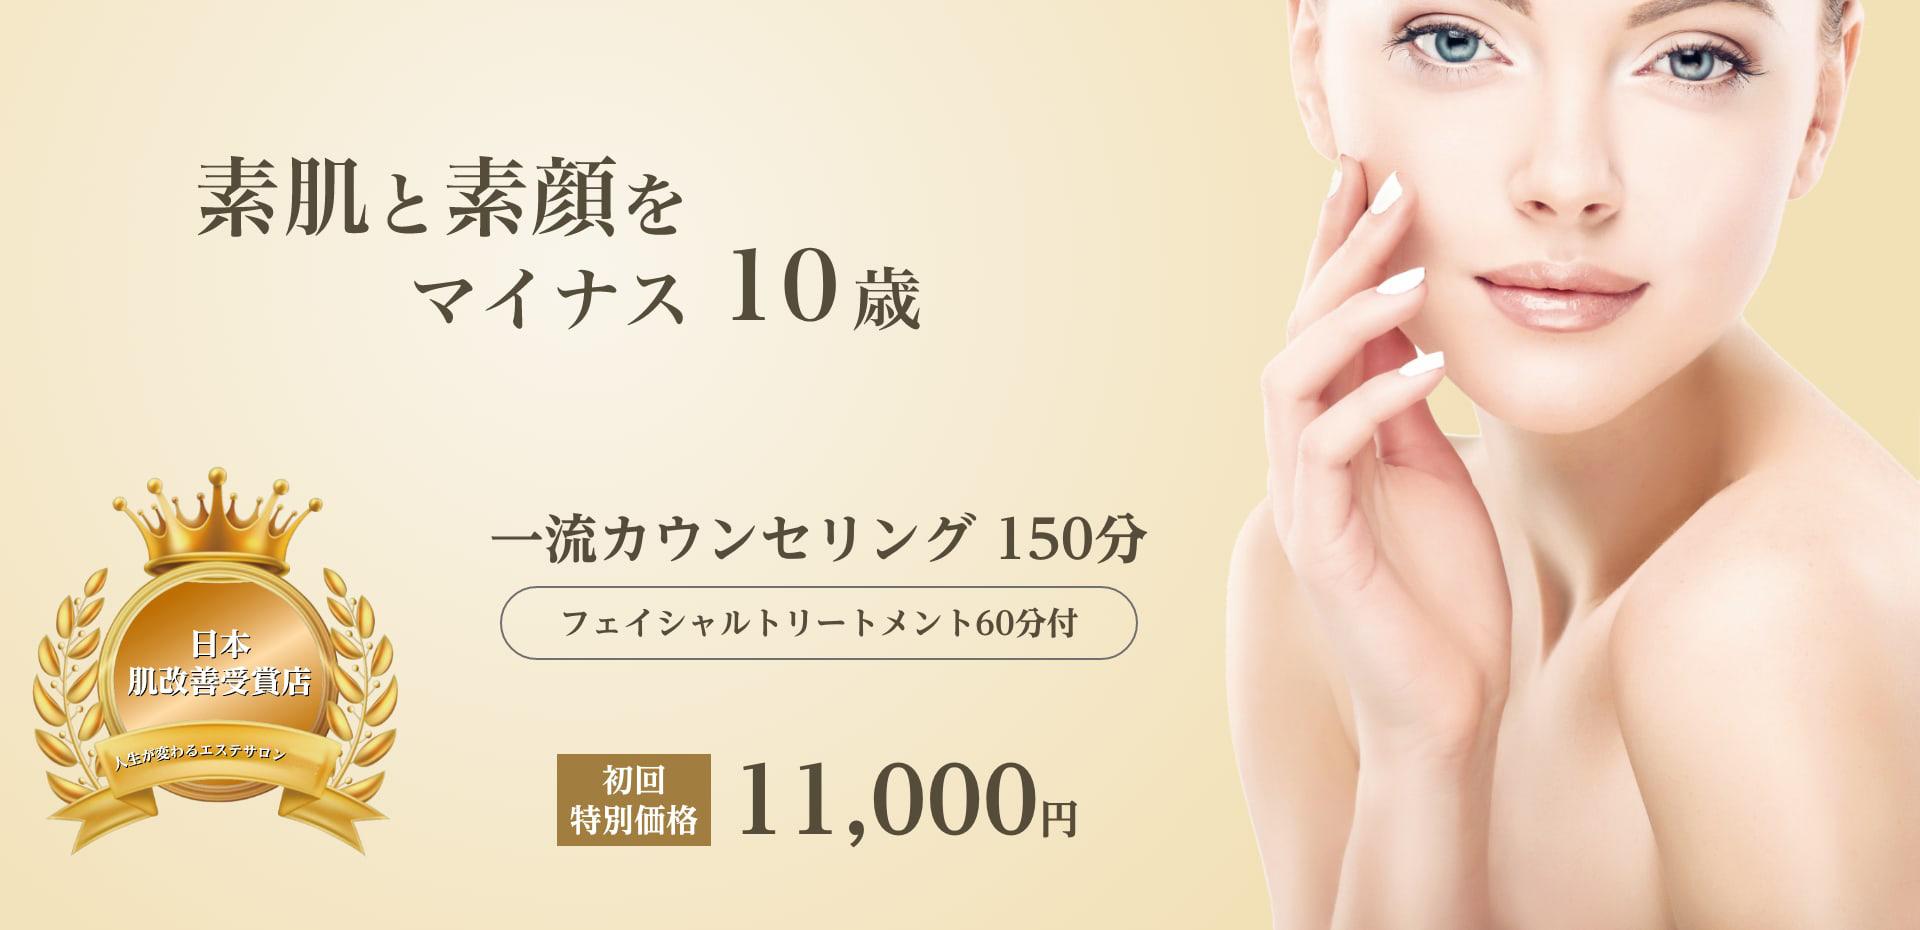 素肌を素顔をマイナス10歳 一流カウンセリング150分 ¥11,000円